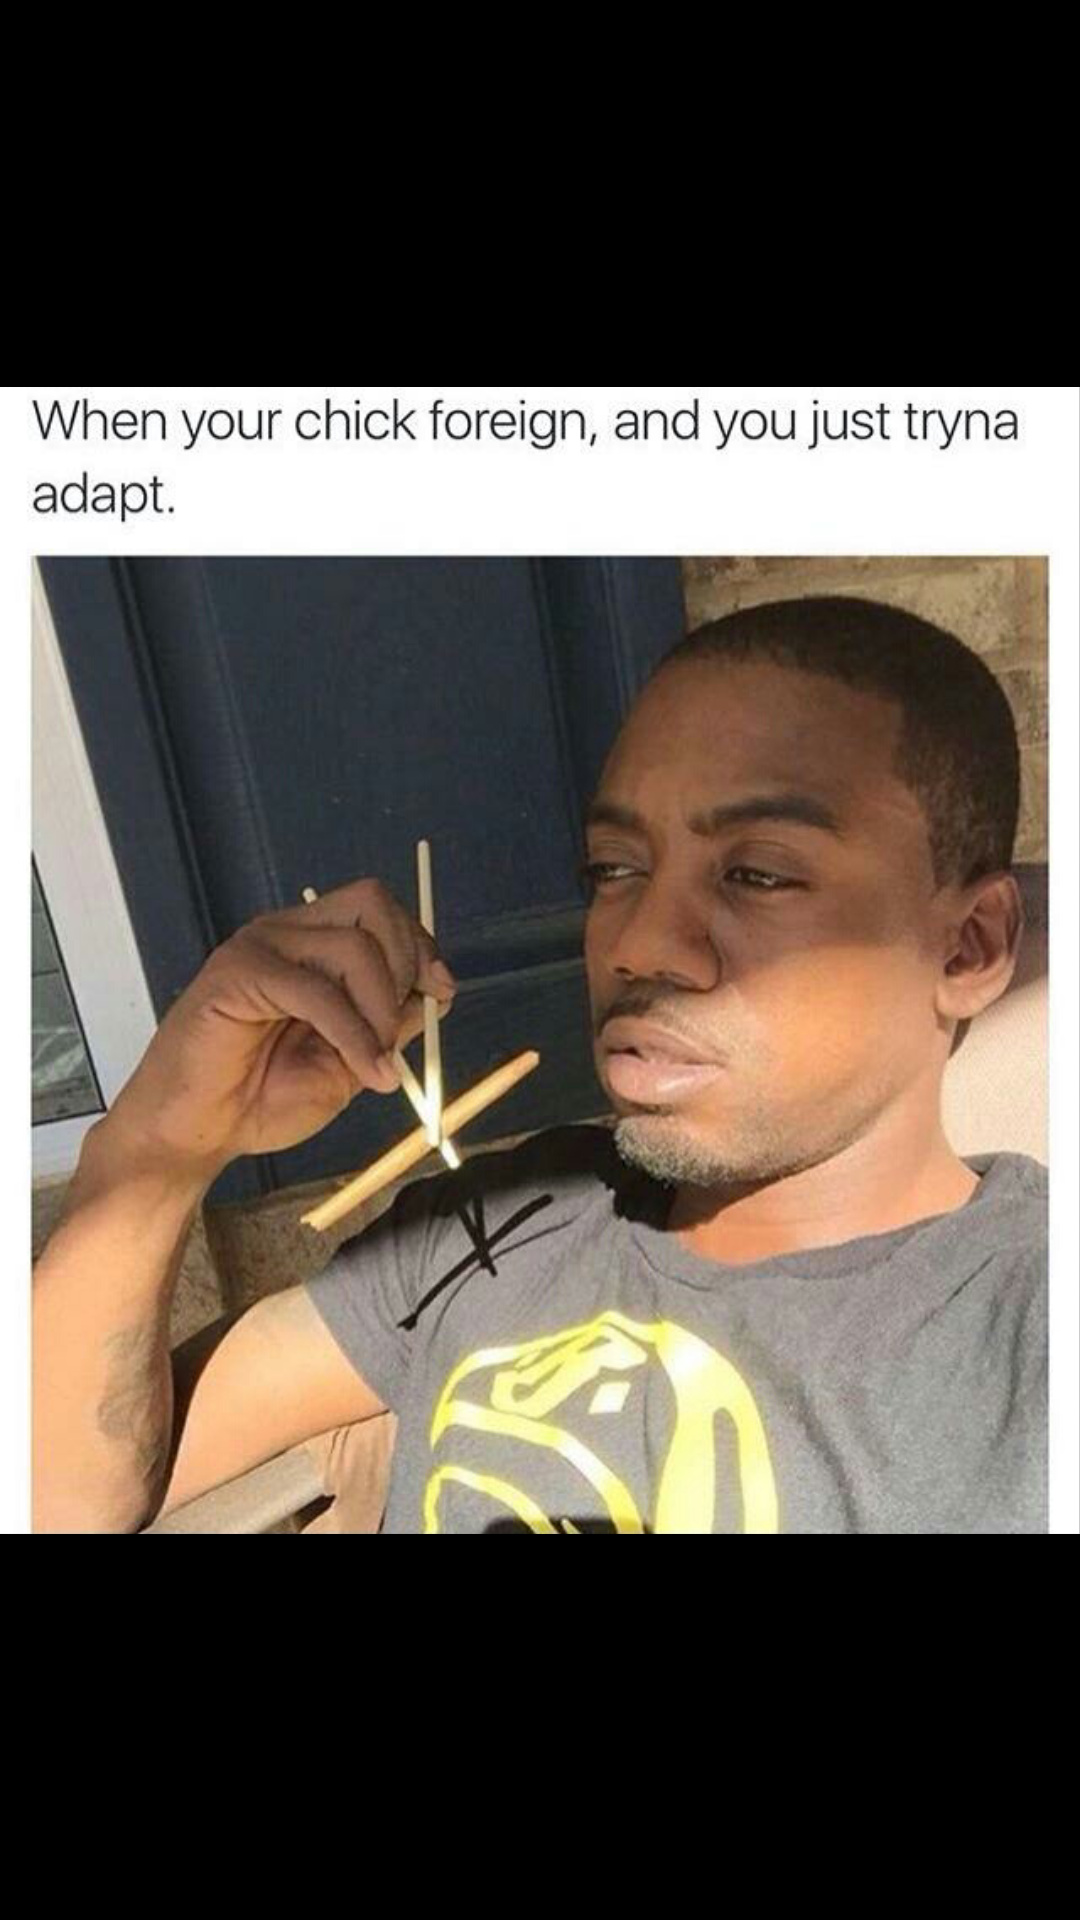 Tfw you gotta adapt - meme